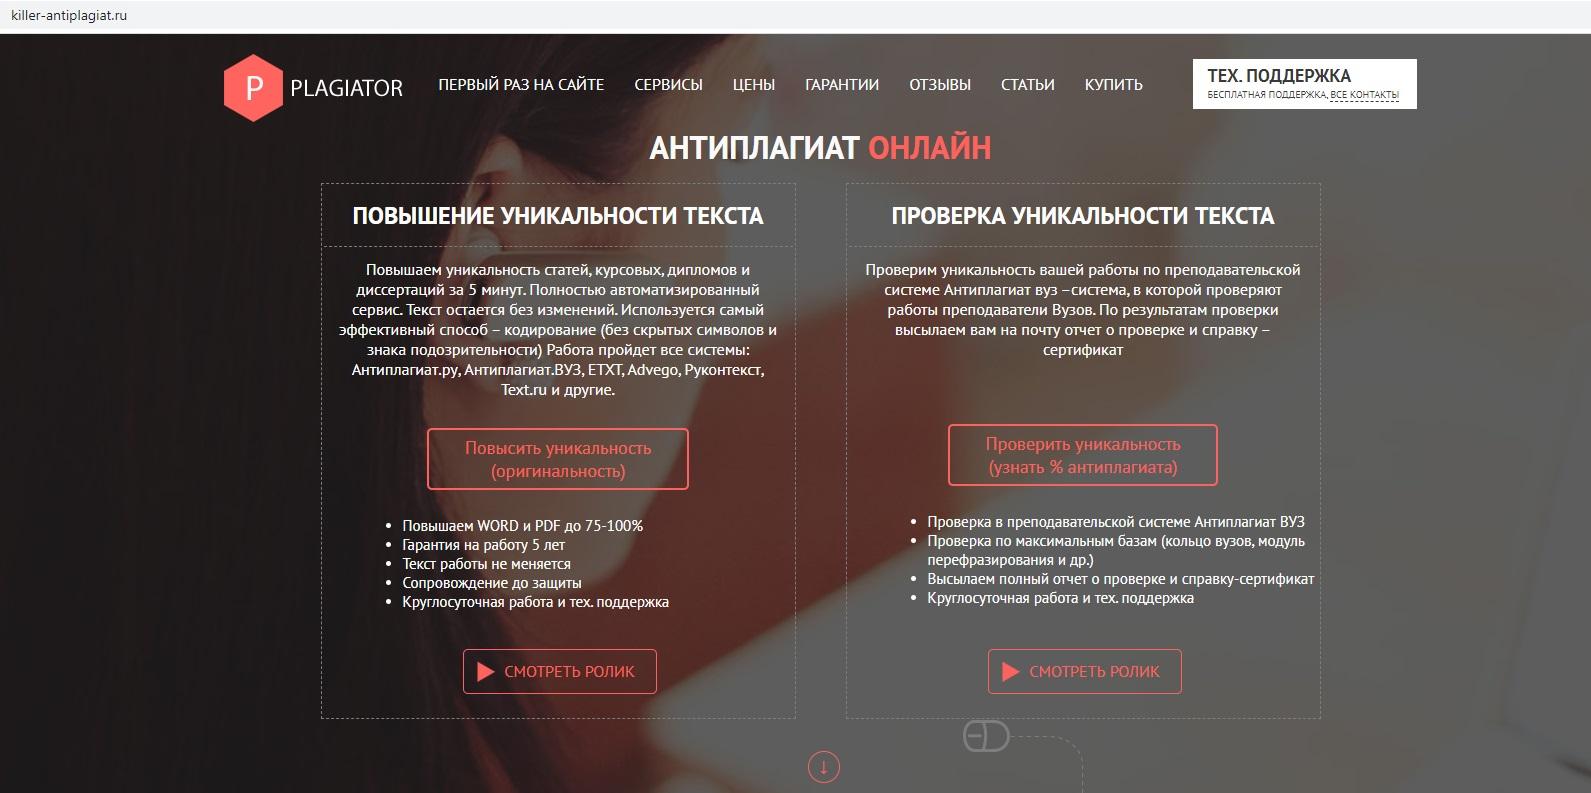 повысить уникальность диссертации онлайн